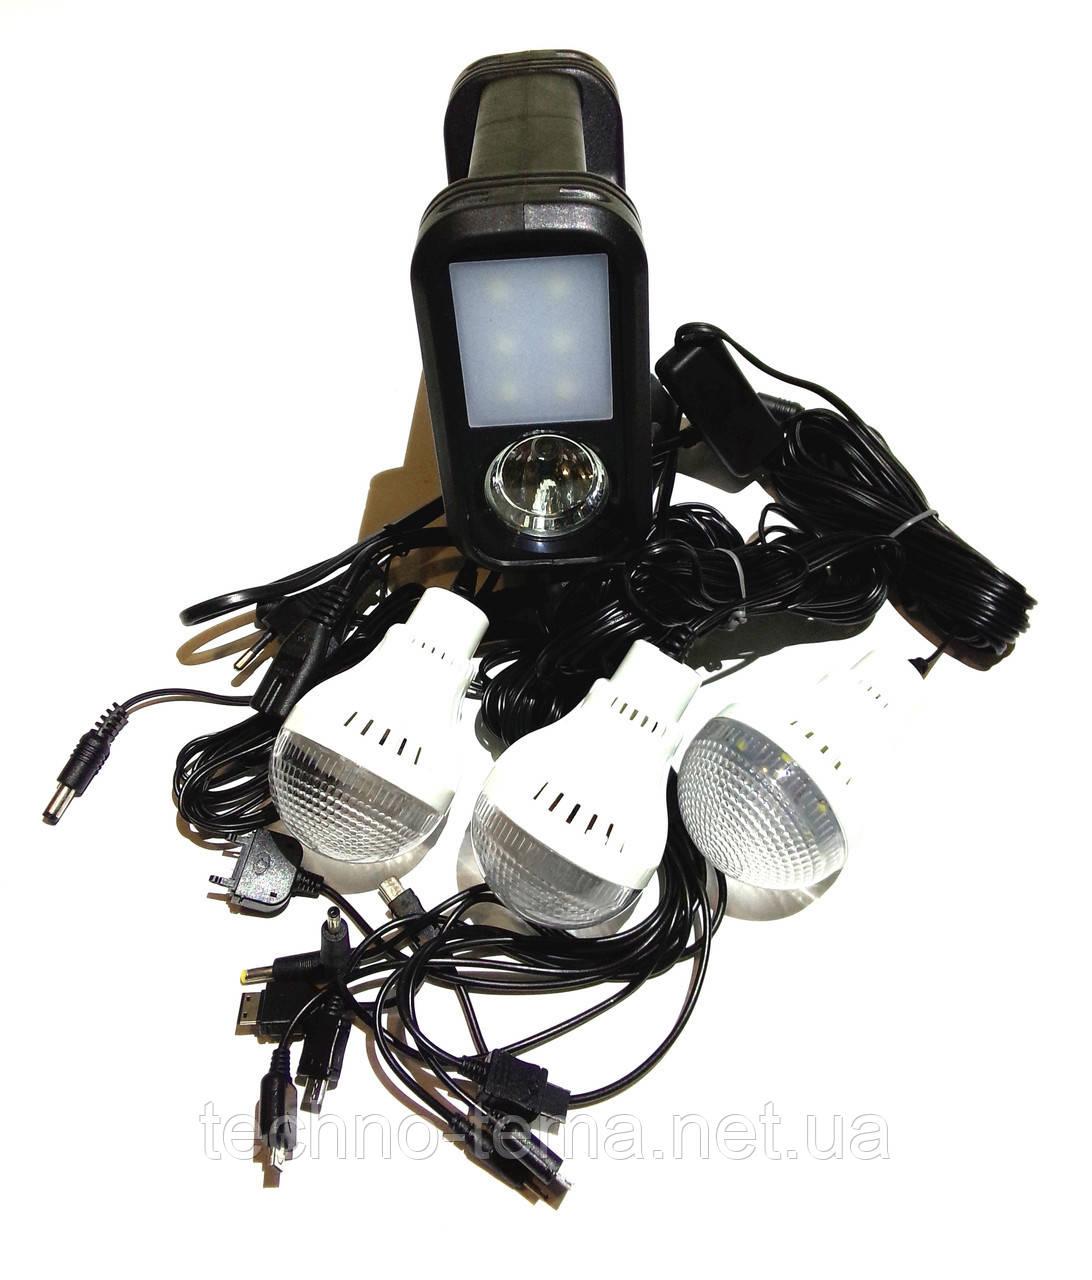 Портативная универсальная солнечная система GDLITE GD-8017Plus